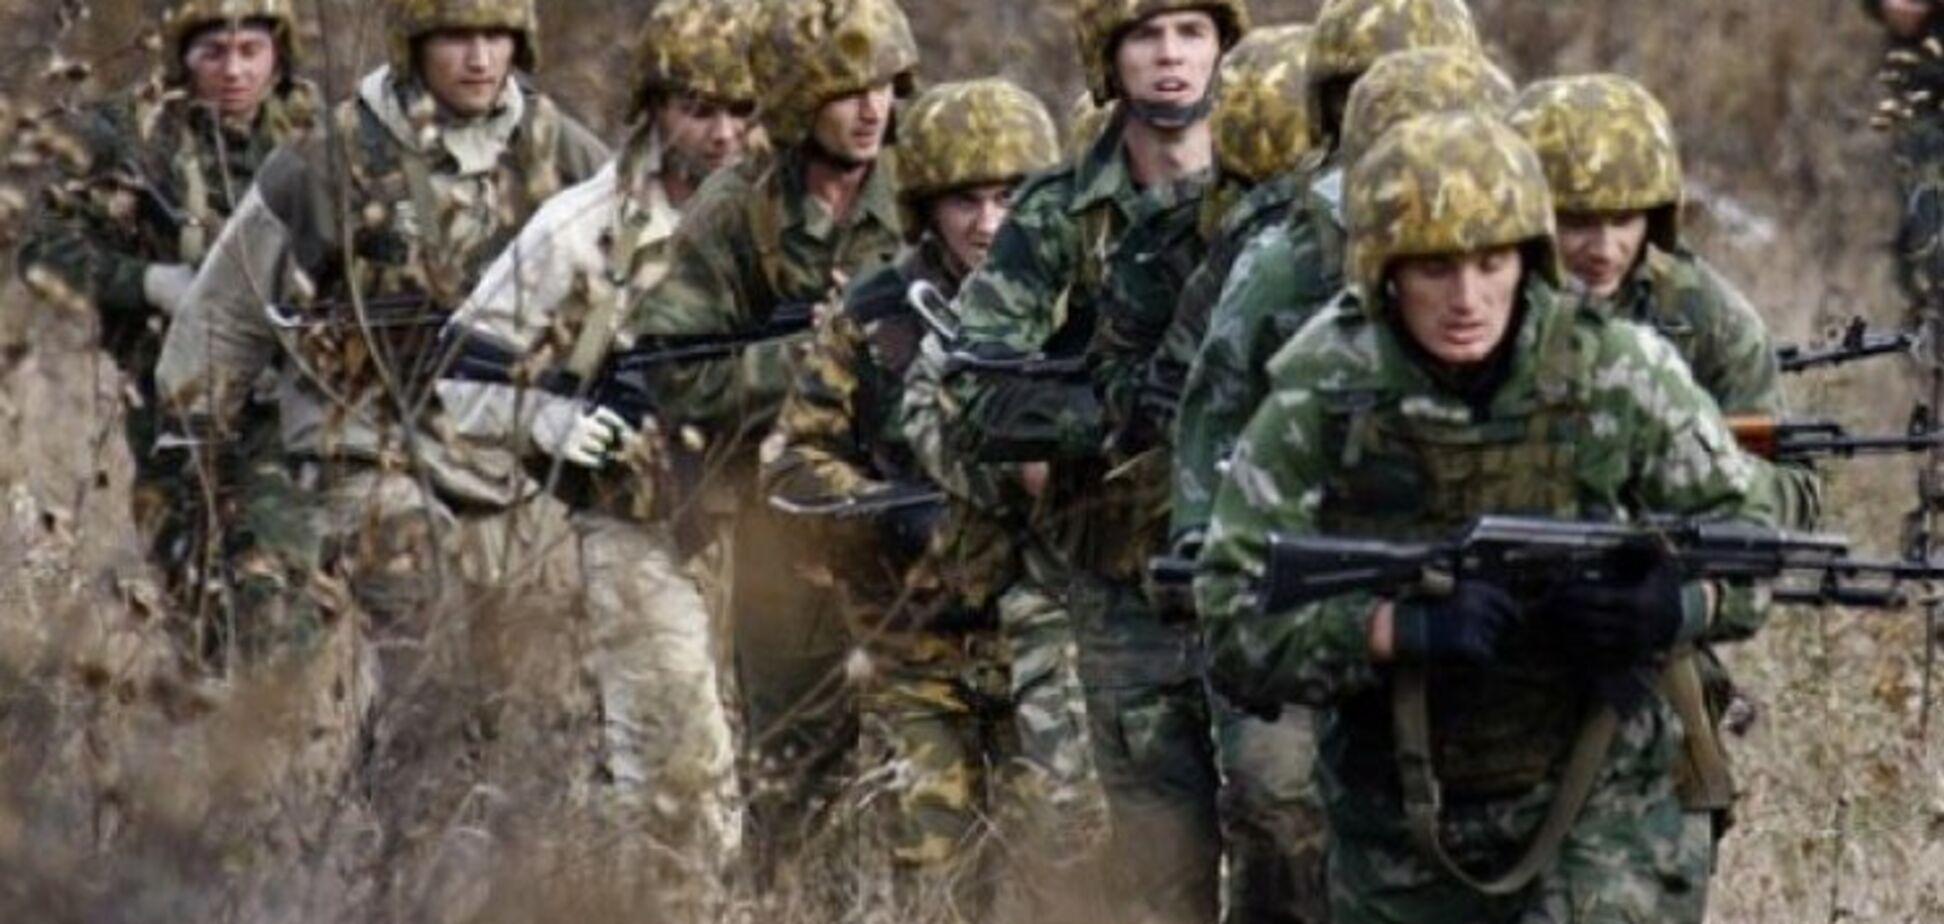 Партизани на Донбасі